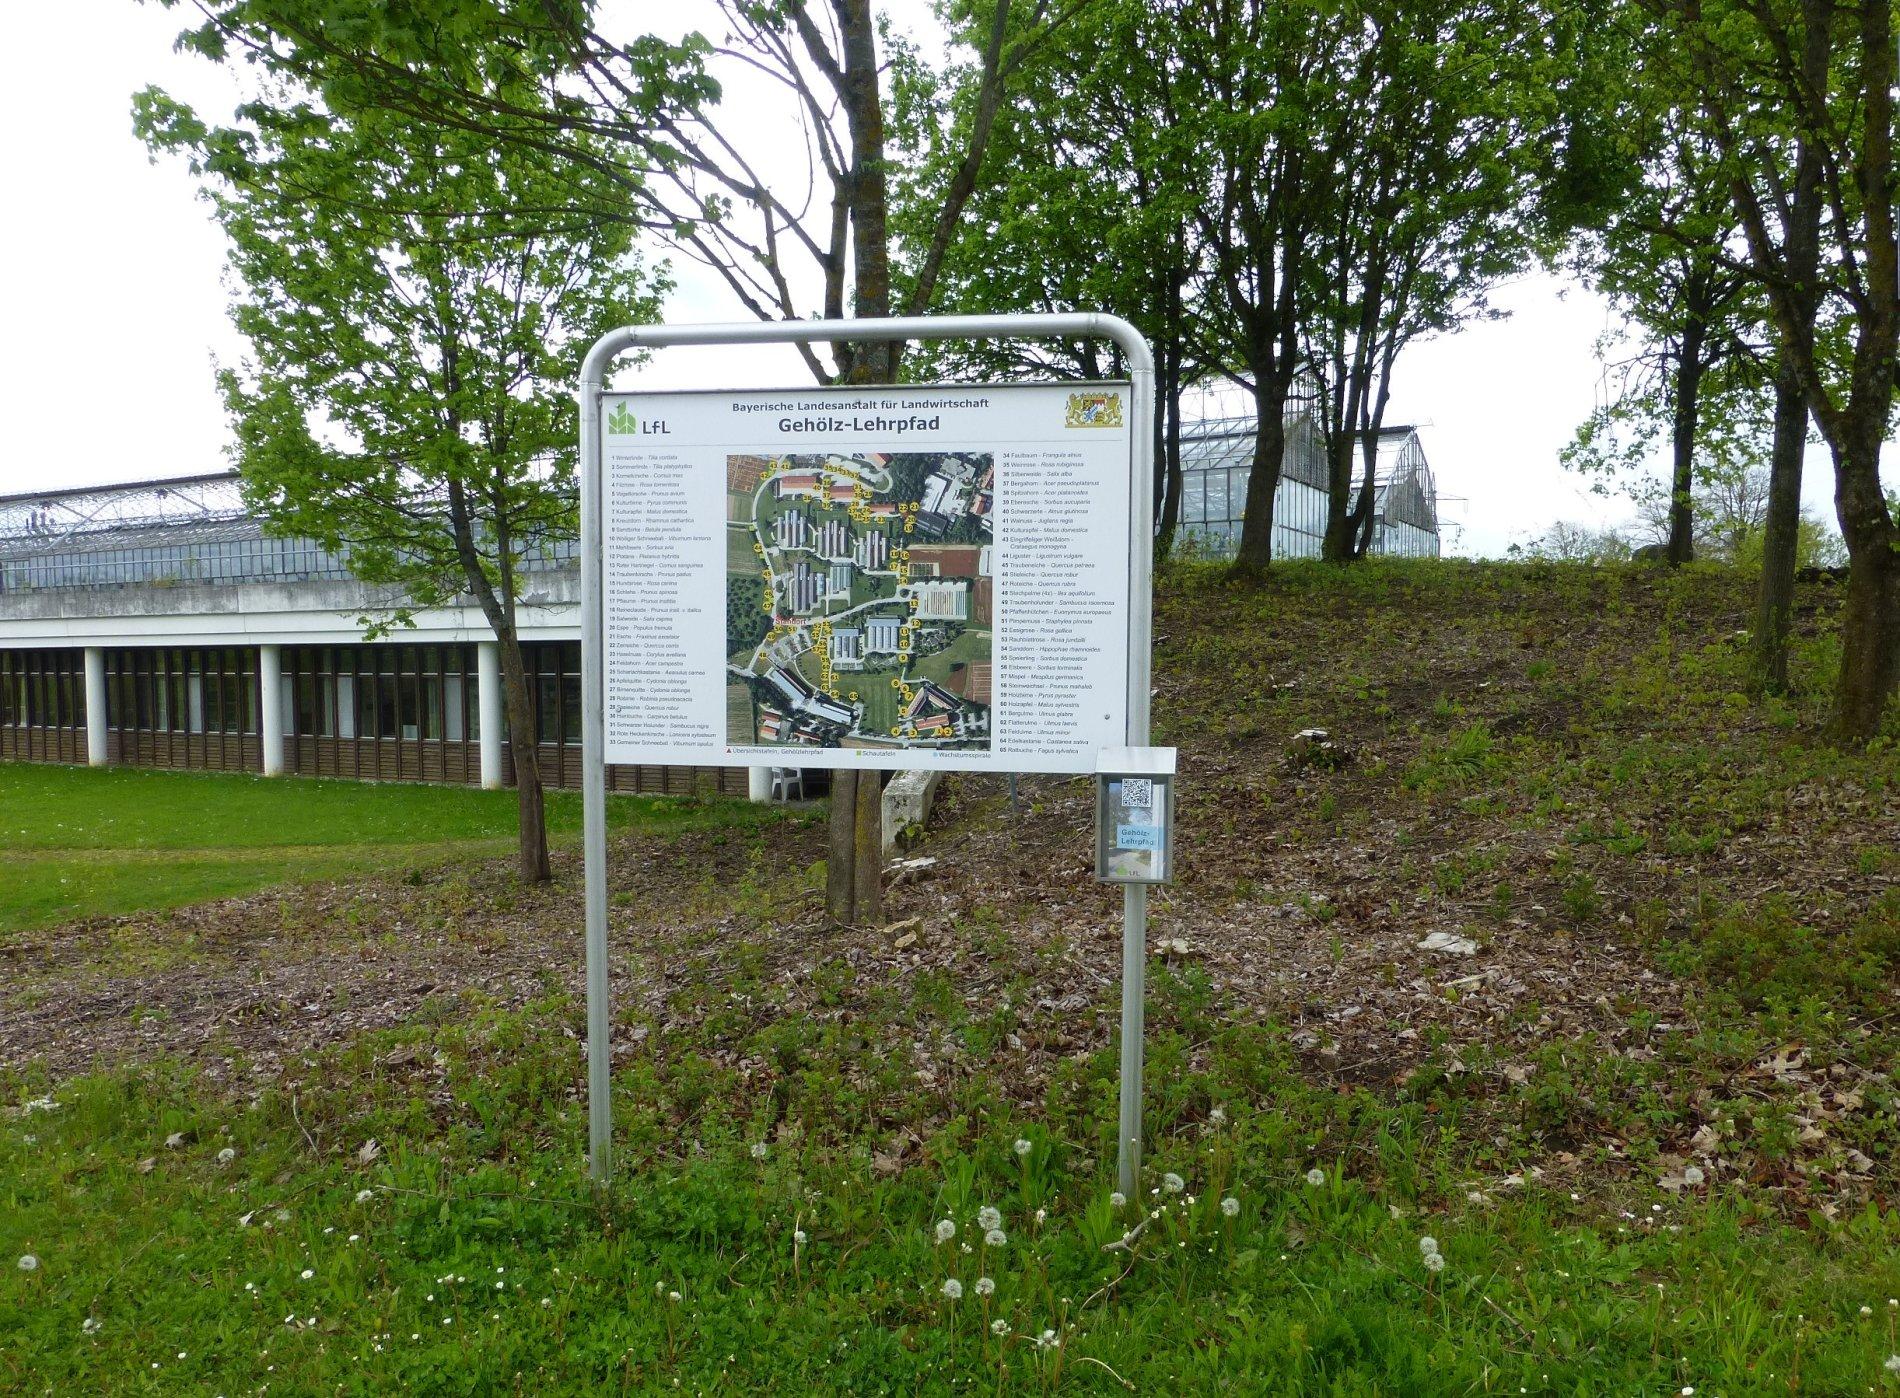 Schautafel Gehölzlehrpfad in Freising